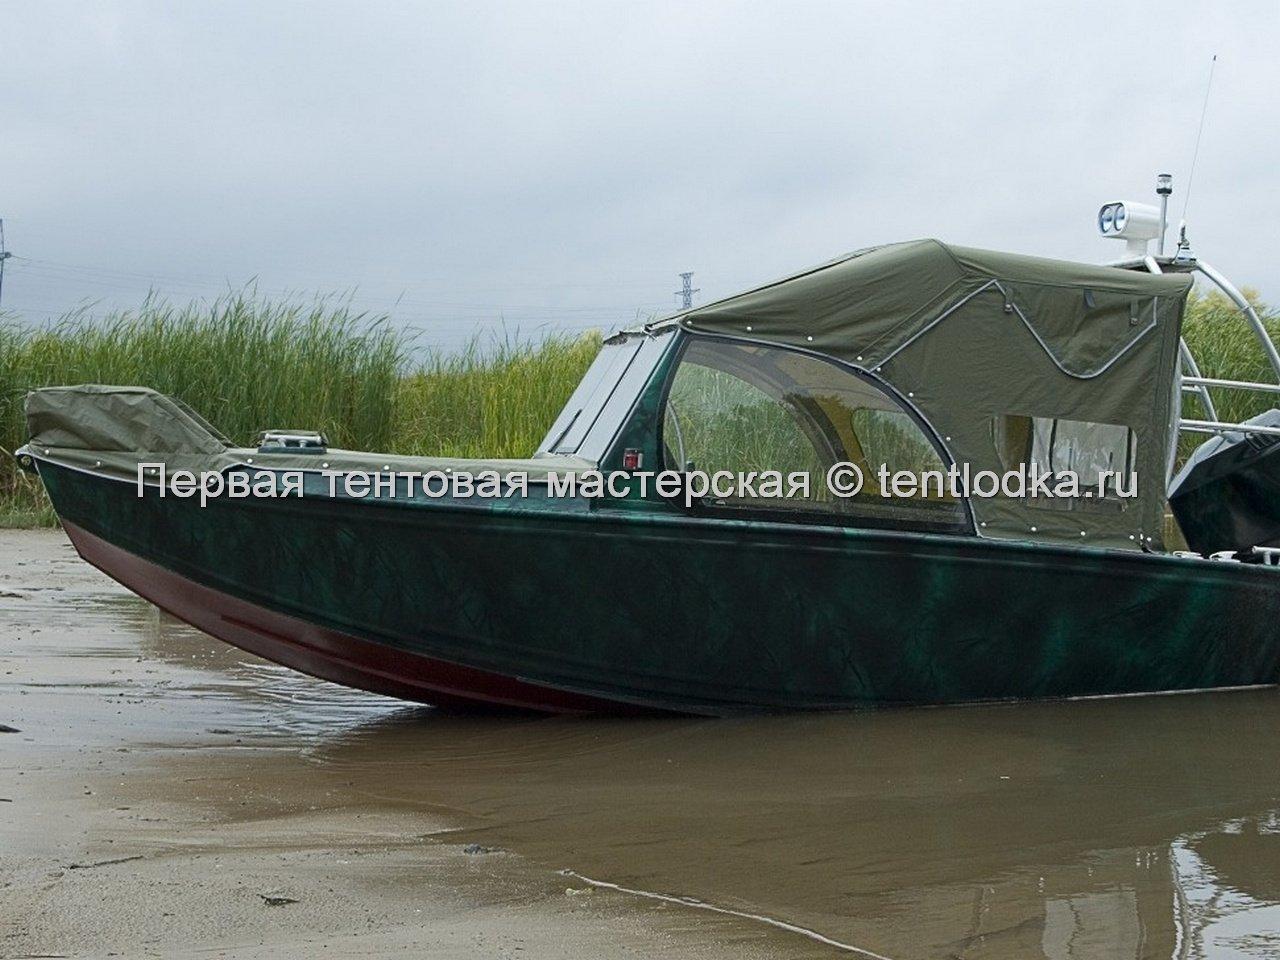 Tents_v10_004